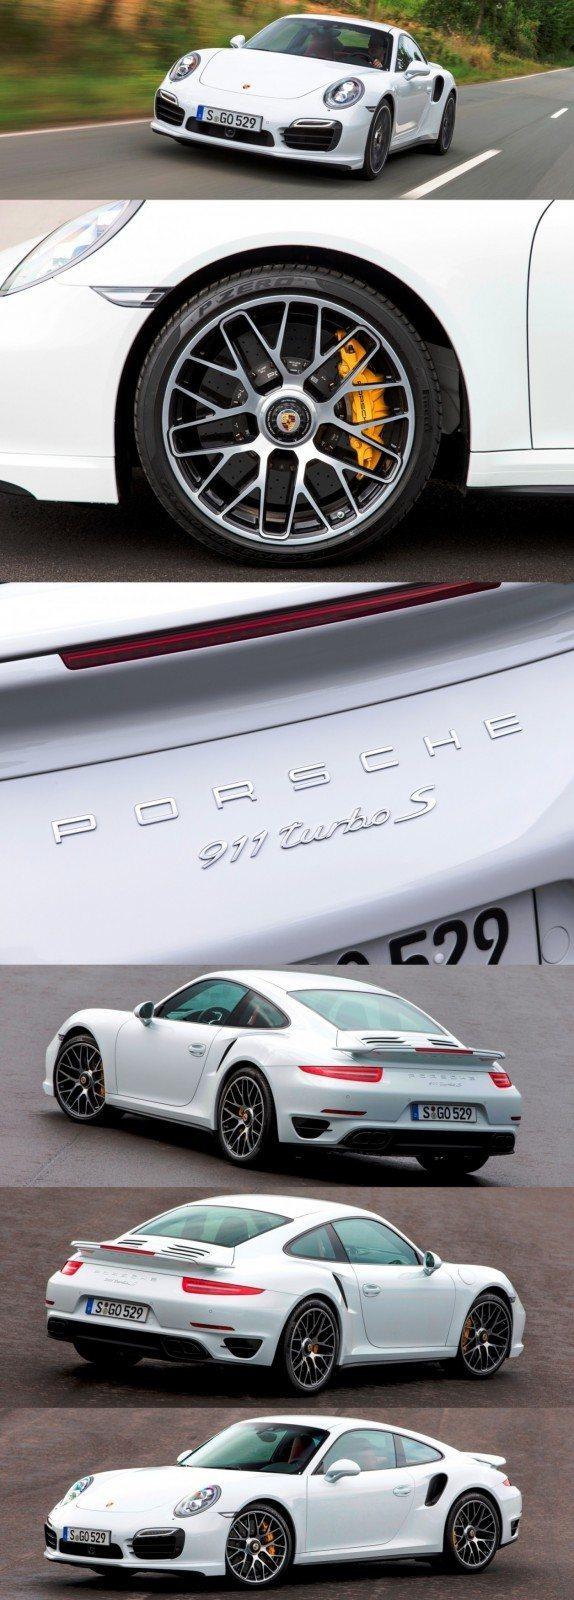 Porsche-911-Turbo-S-_11_-vert